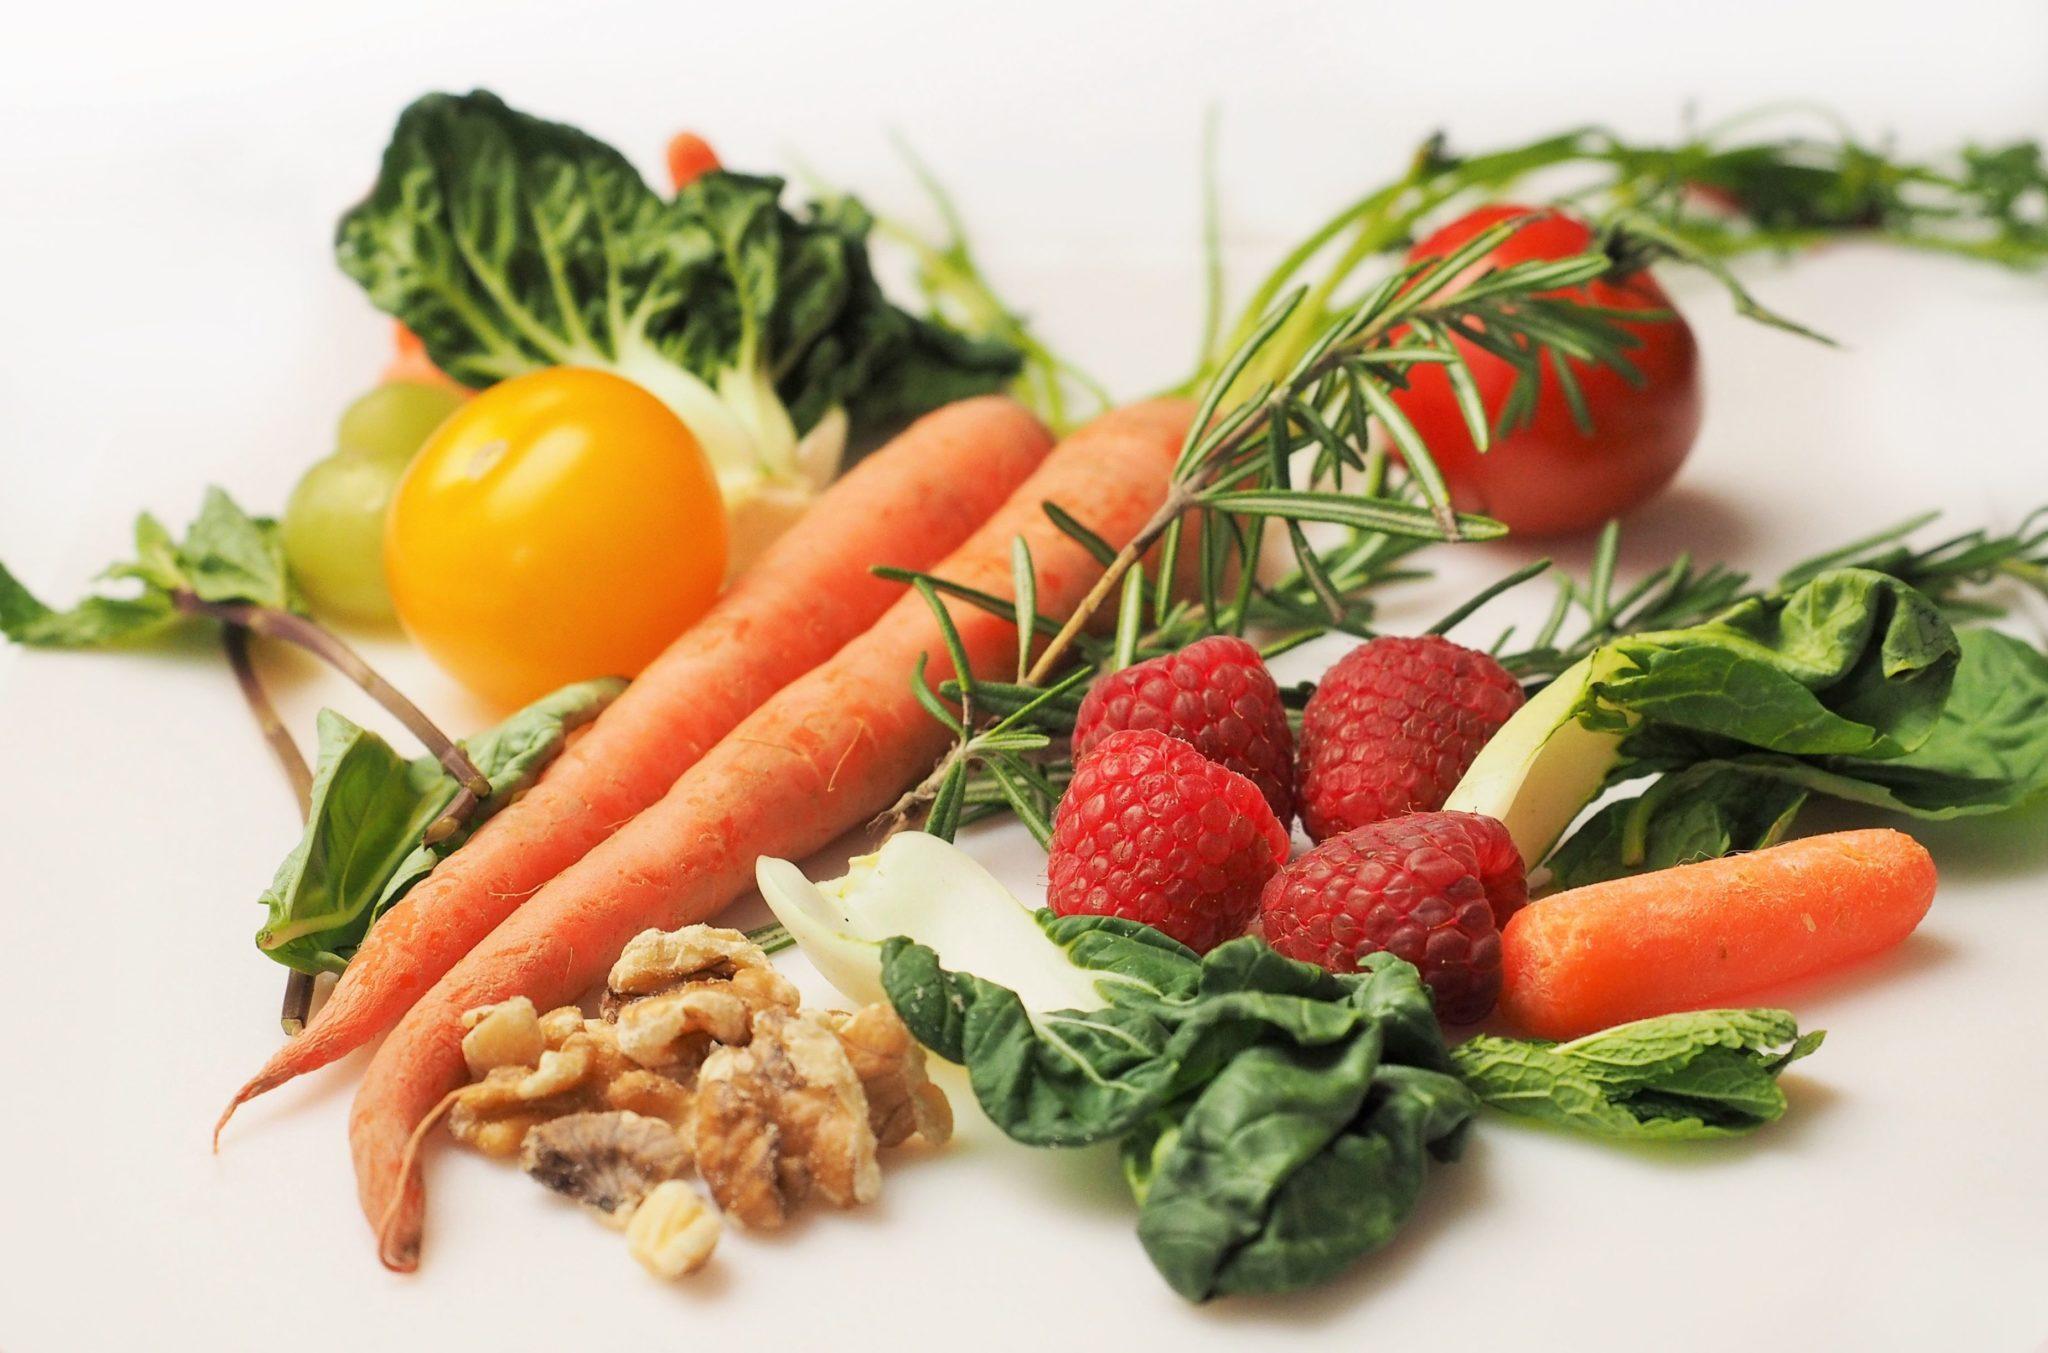 Tajniki kuchni warzywnej, czyli pożywne menu w wersji wegetariańskiej